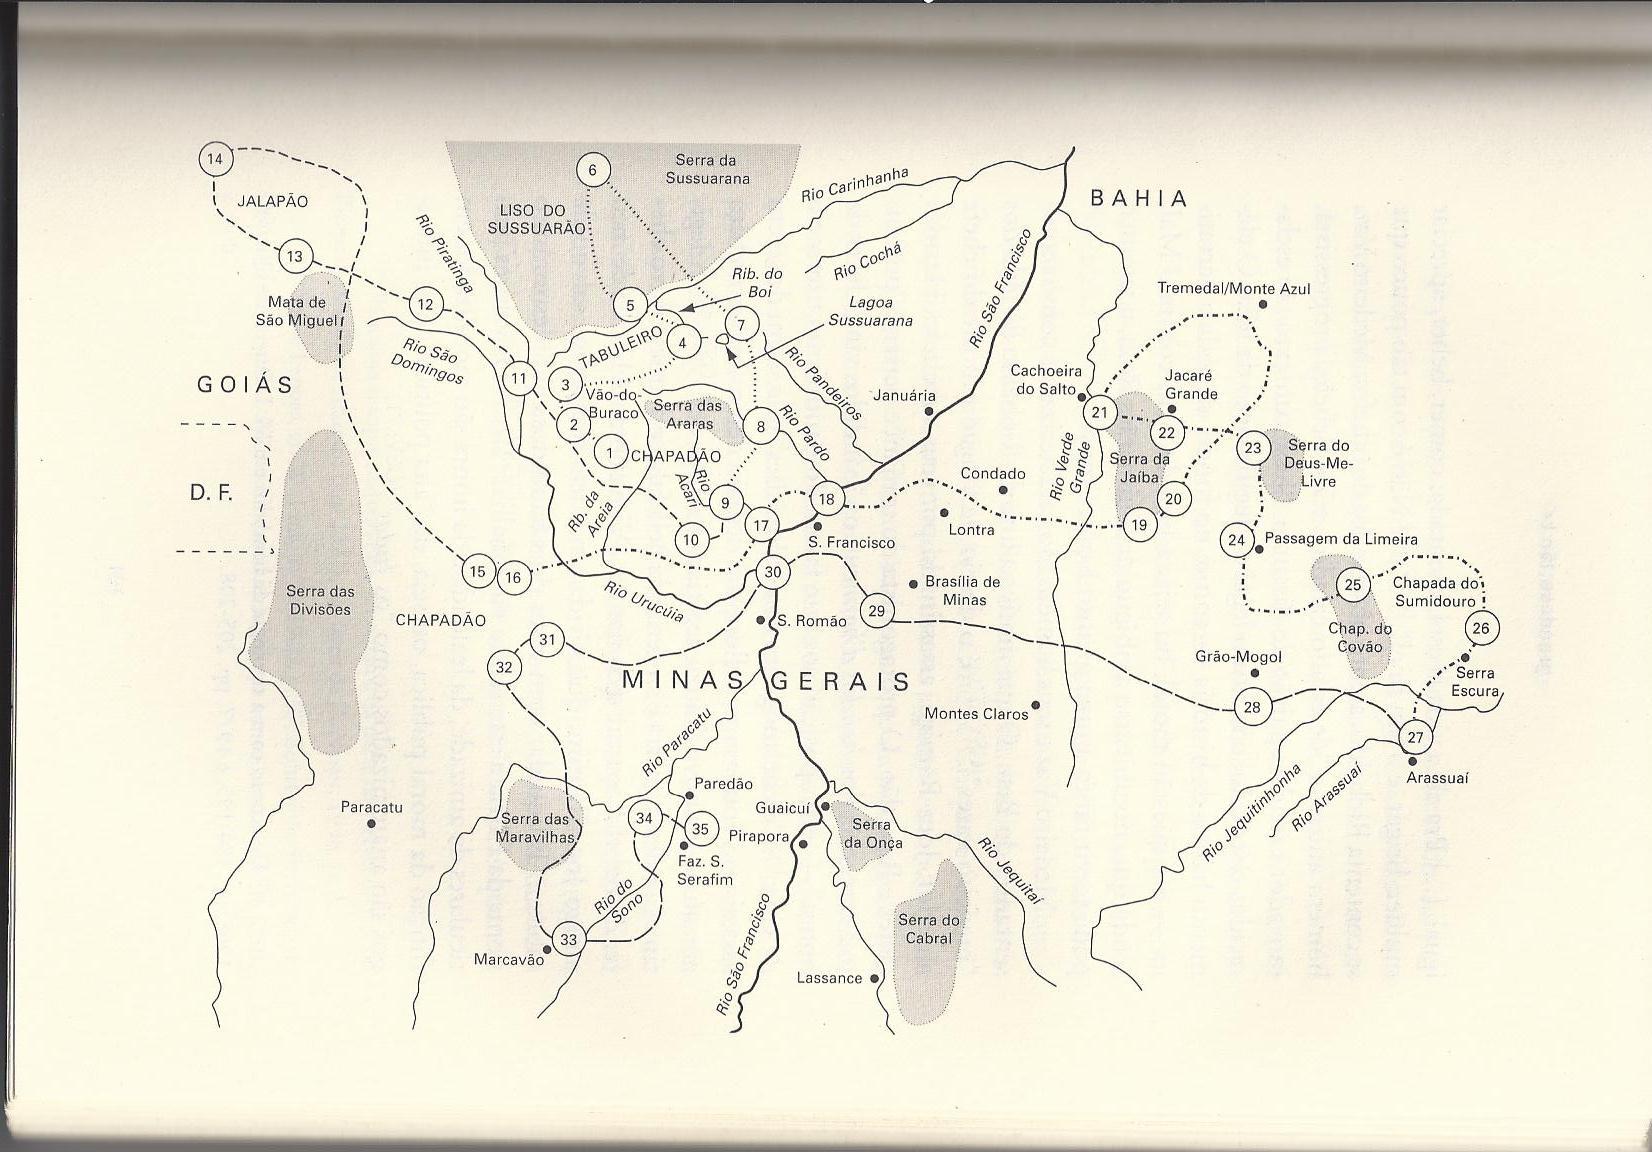 2 mapa 5 - in media res